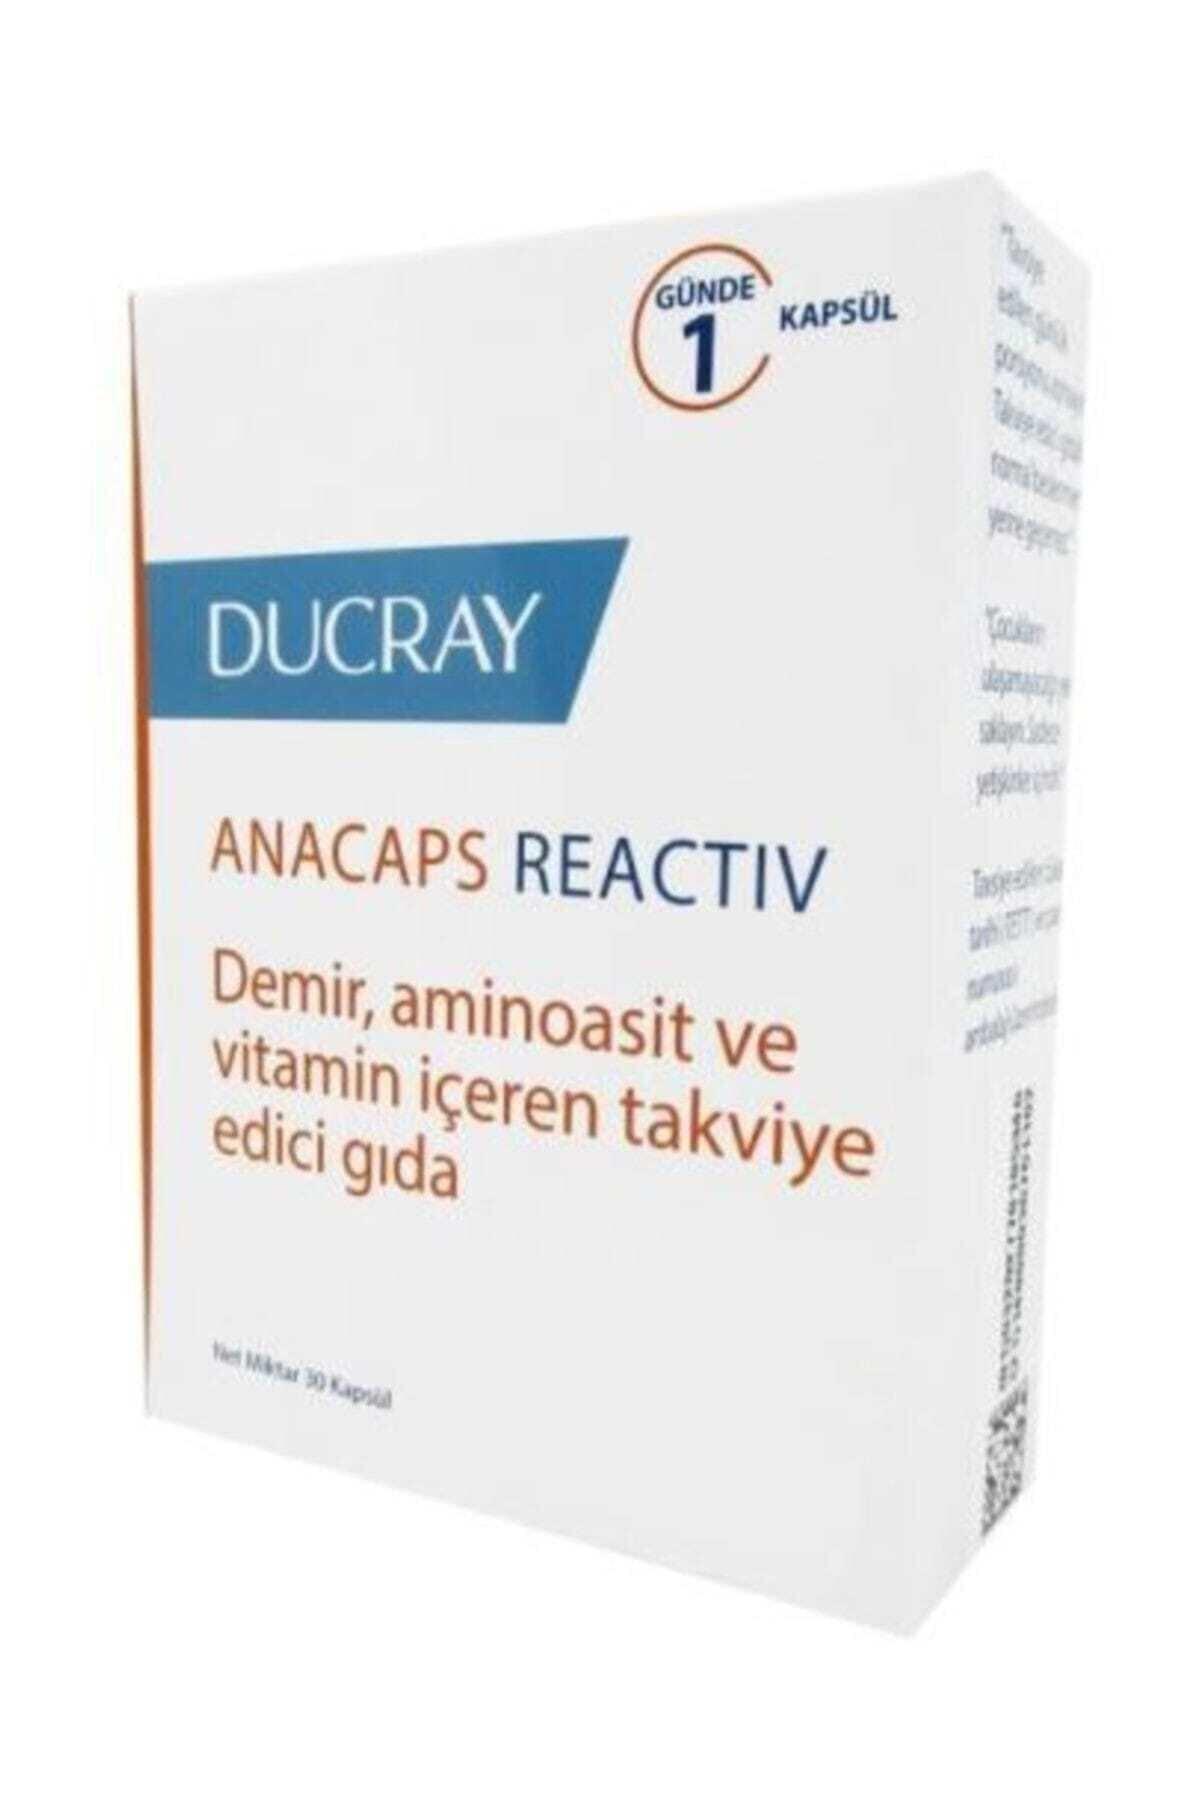 Anacaps Reactiv 30 Kapsül